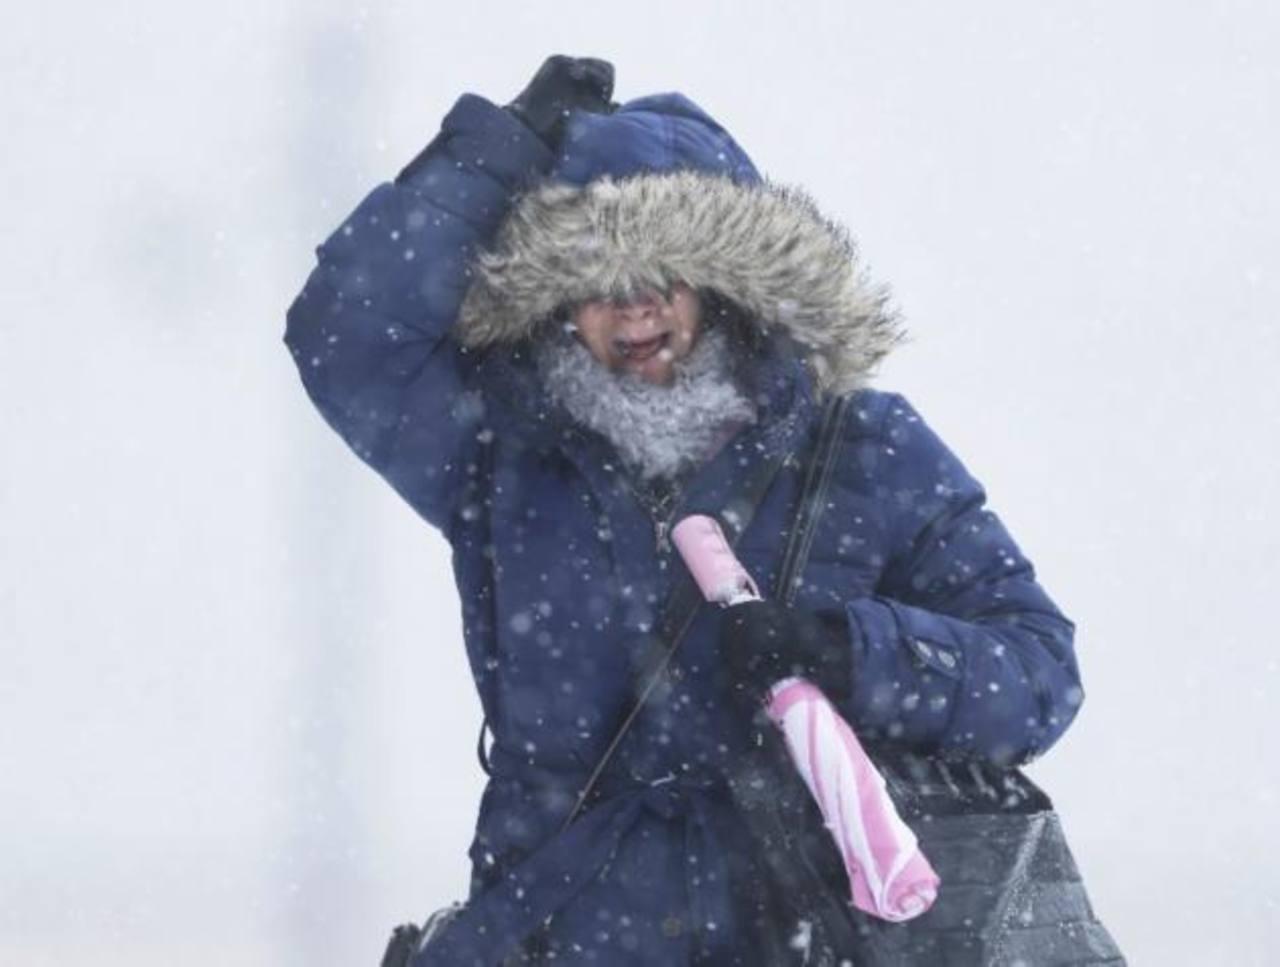 EE.UU.: Declaran estado de emergencia en Nueva York por nevada